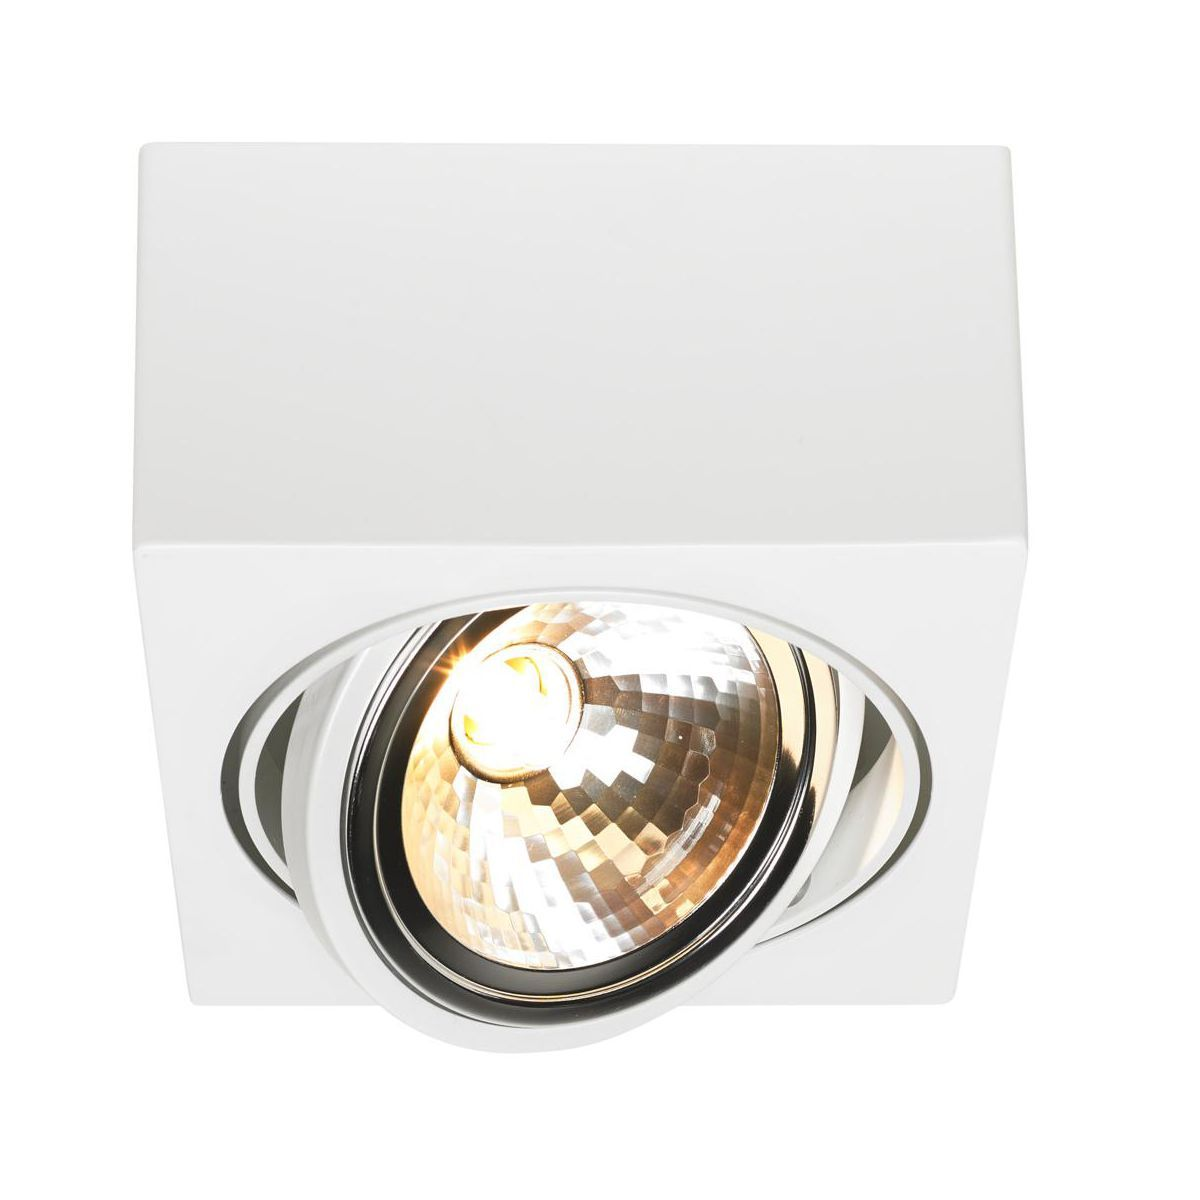 Oprawa Stropowa Natynkowa Rodos Biala G9 Prezent Oprawy Natynkowe W Atrakcyjnej Cenie W Sklepach Leroy Merlin Rings For Men Lamp